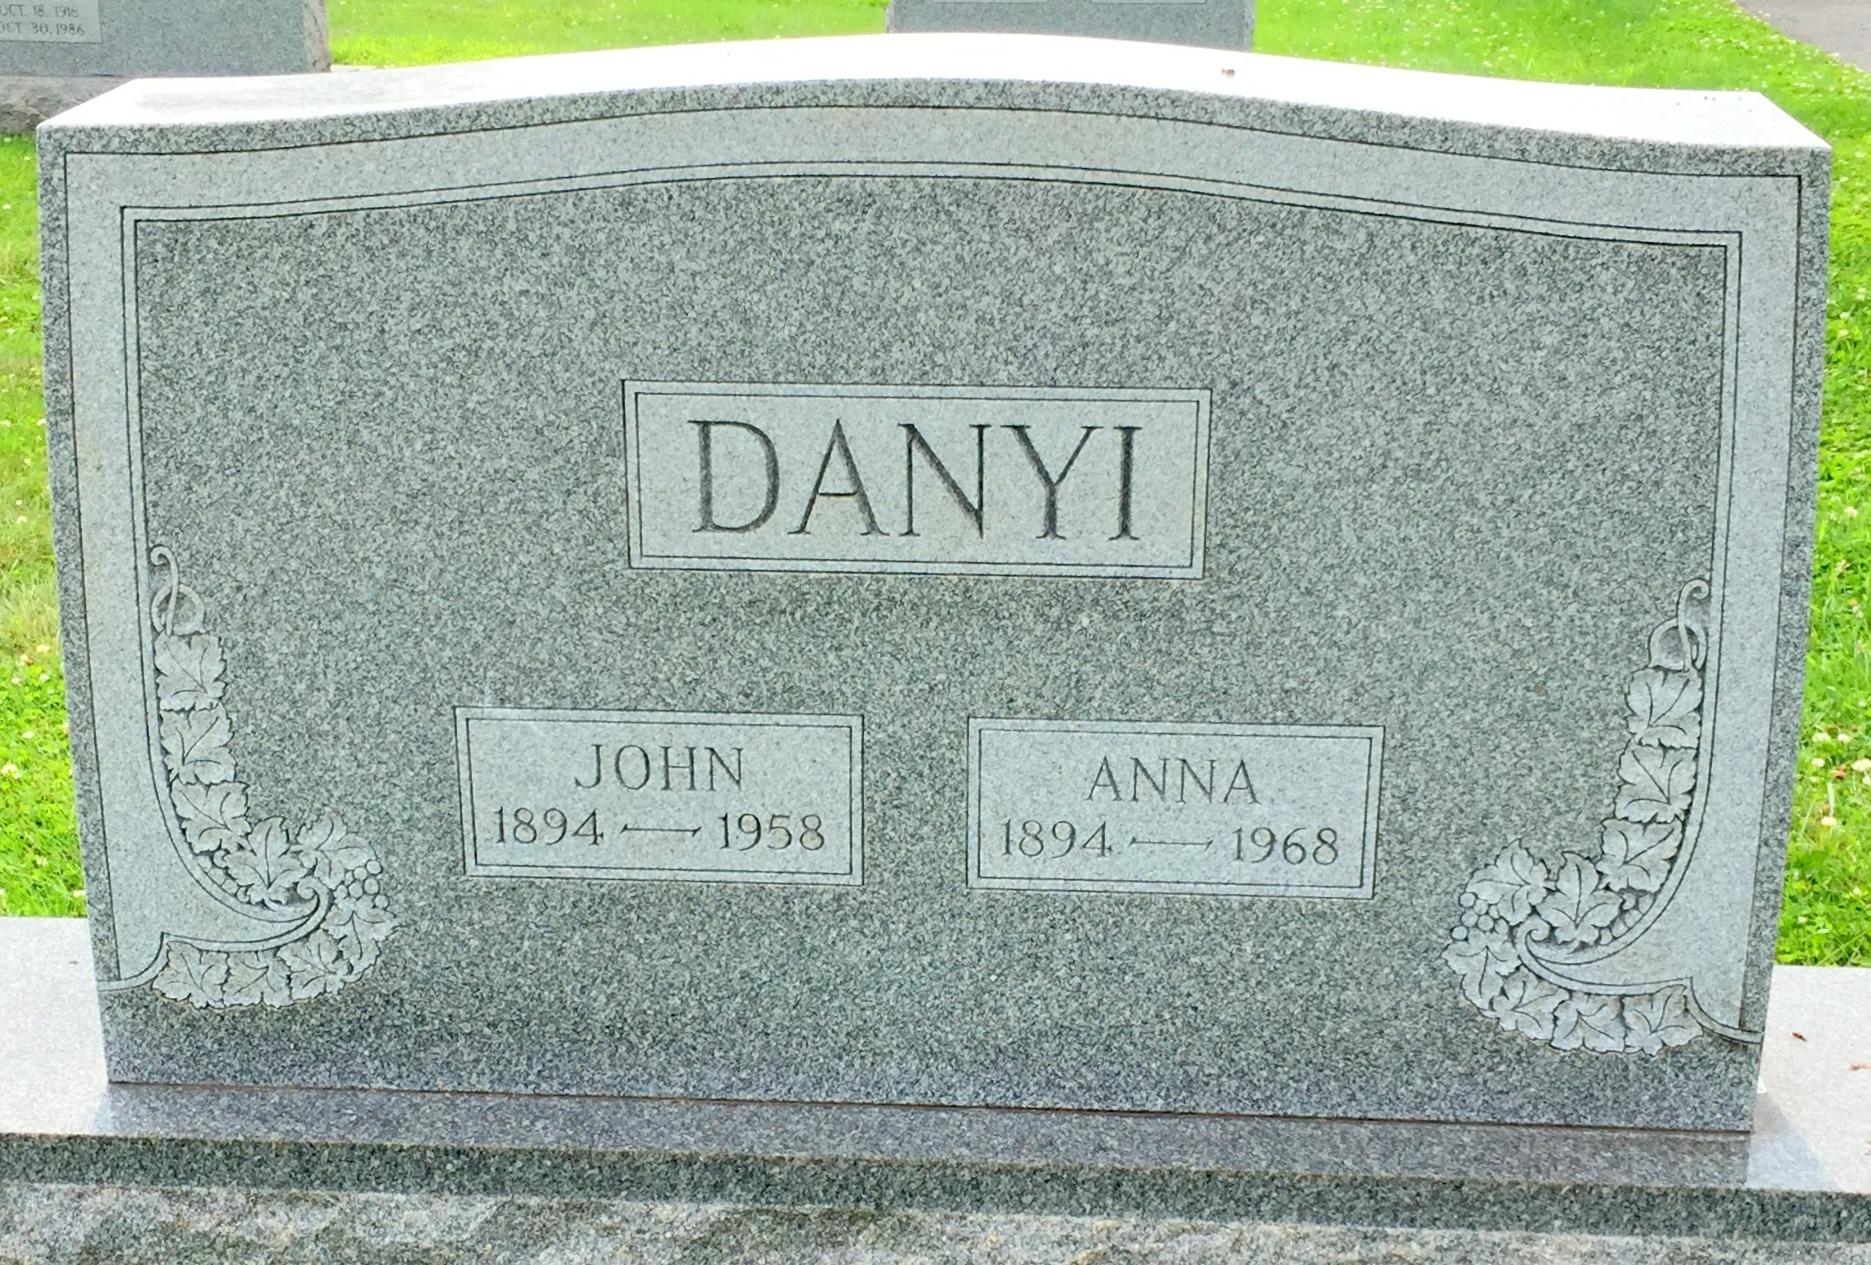 John Danyi